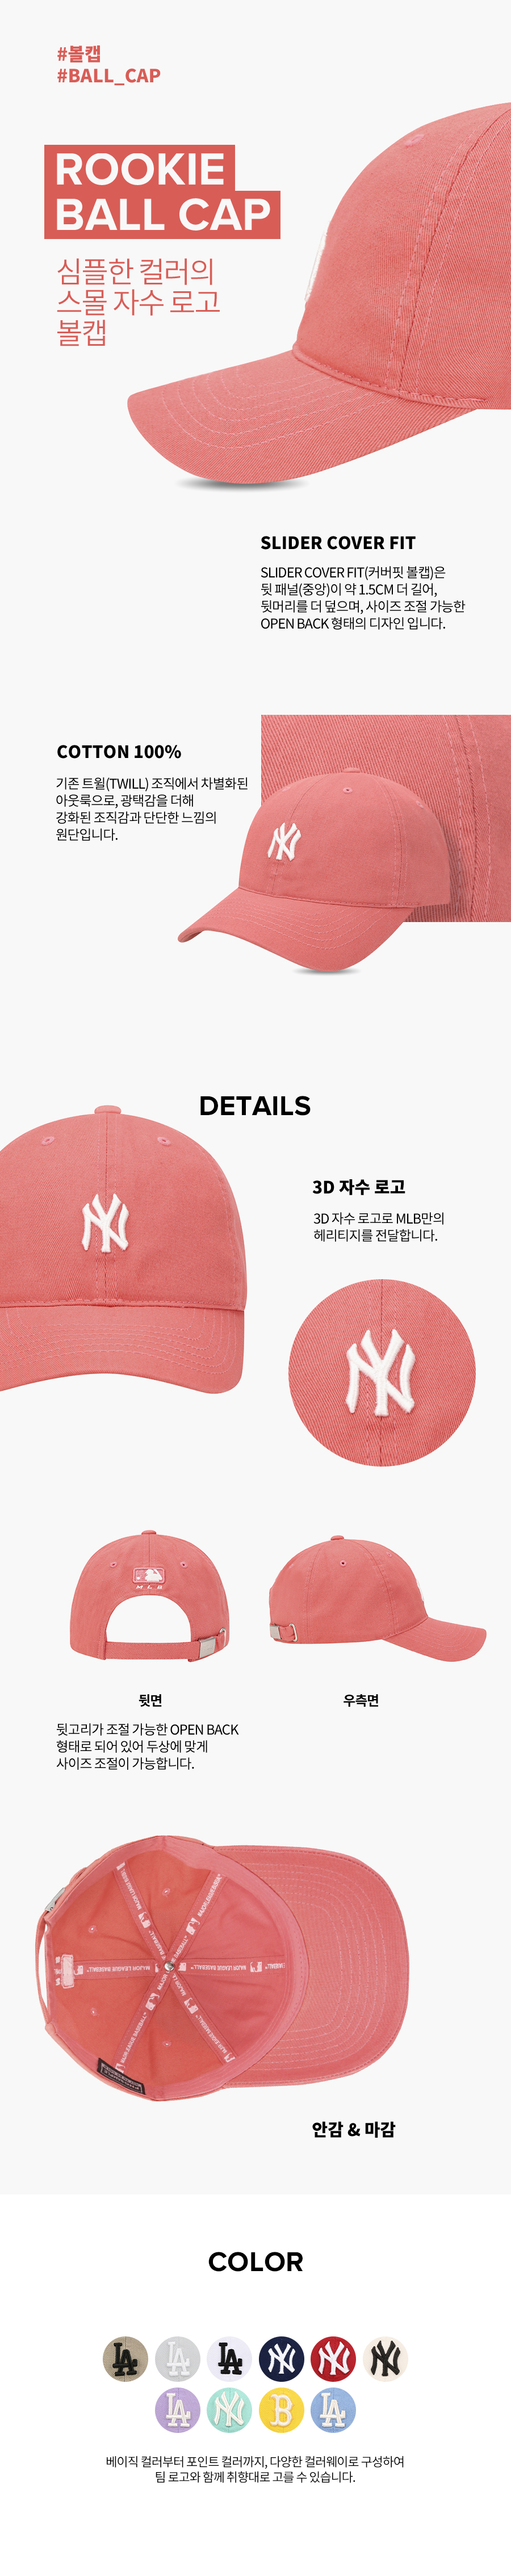 엠엘비(MLB) 루키 볼캡 NY (PINK)